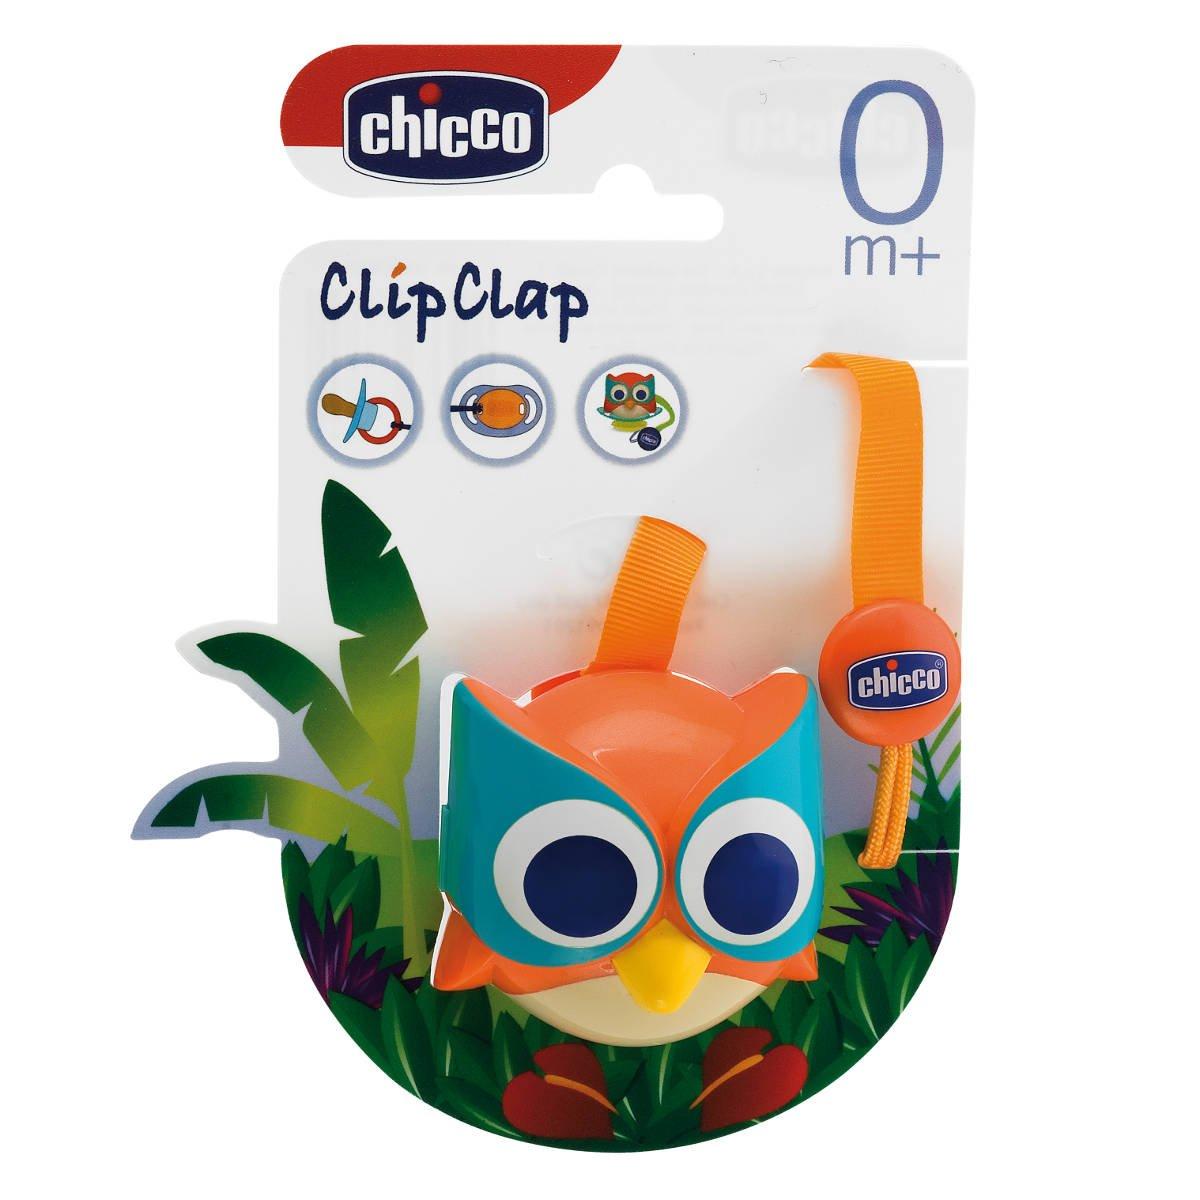 Clip protegechupetes de Chicco: Amazon.es: Bebé